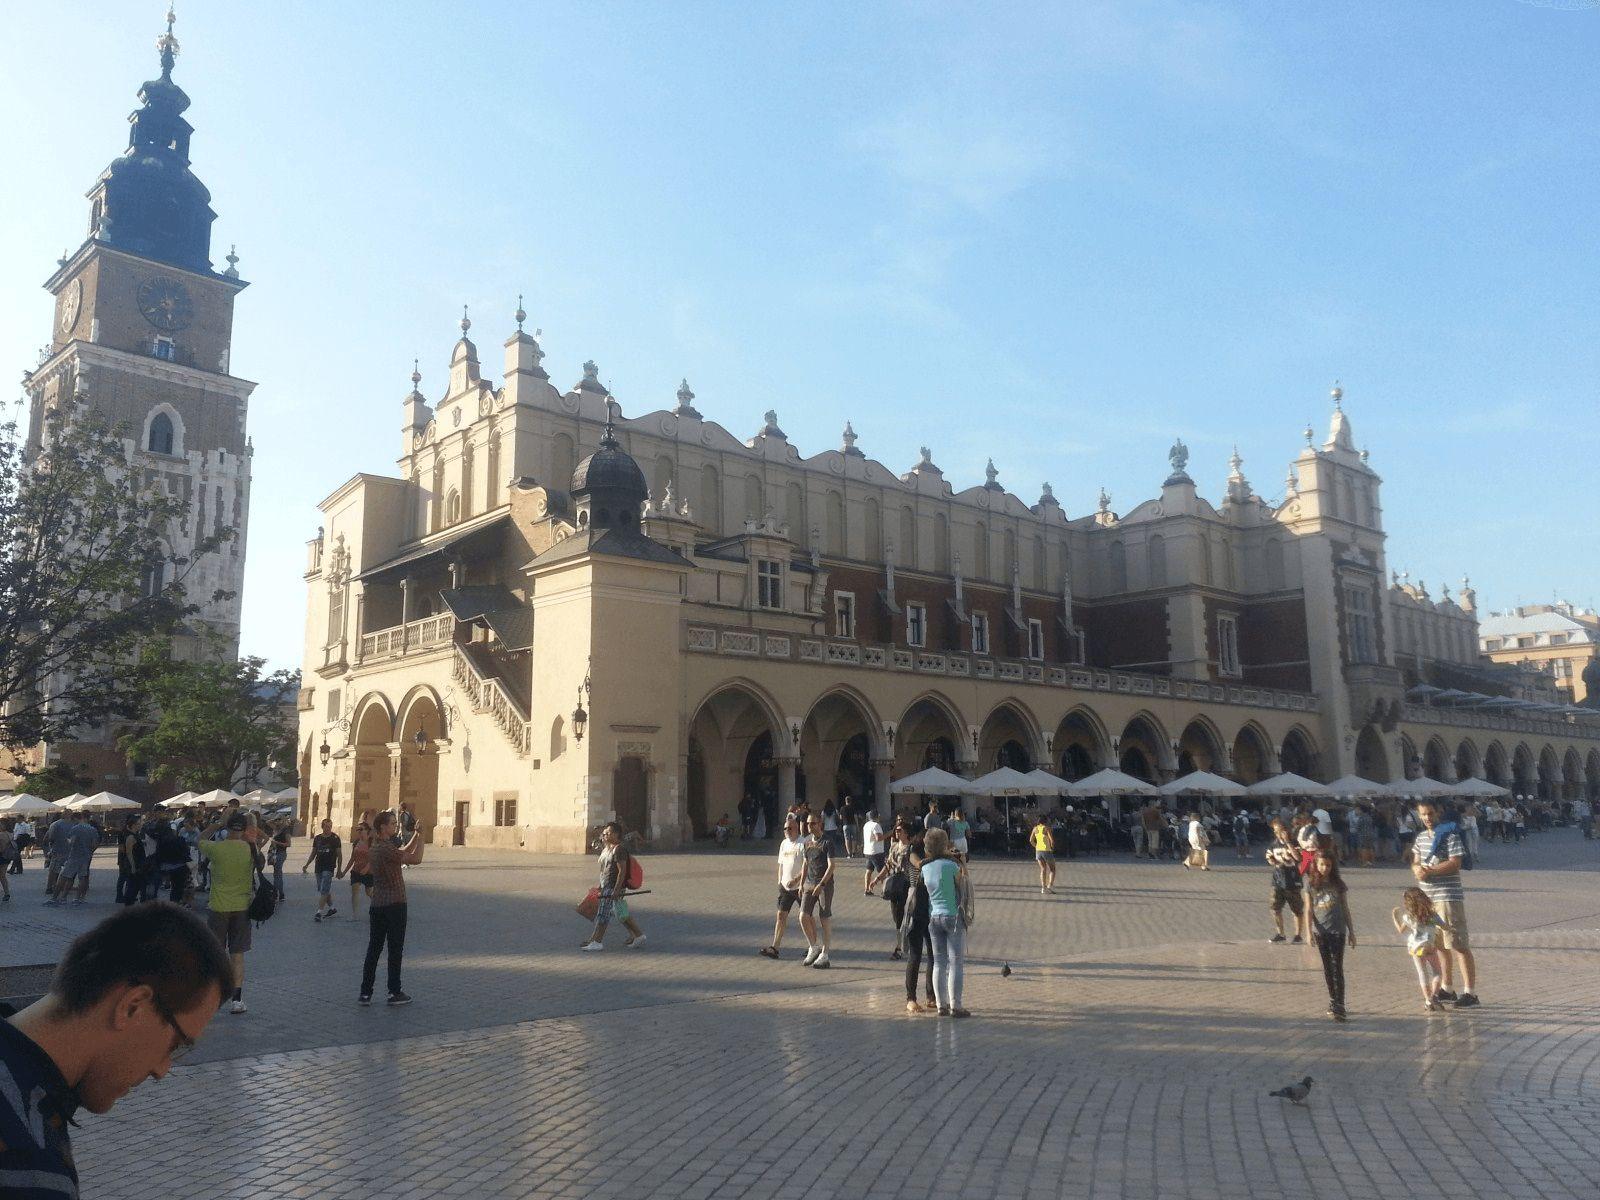 Krakow i Bratislava: Krakow: glavni trg Sukiennice